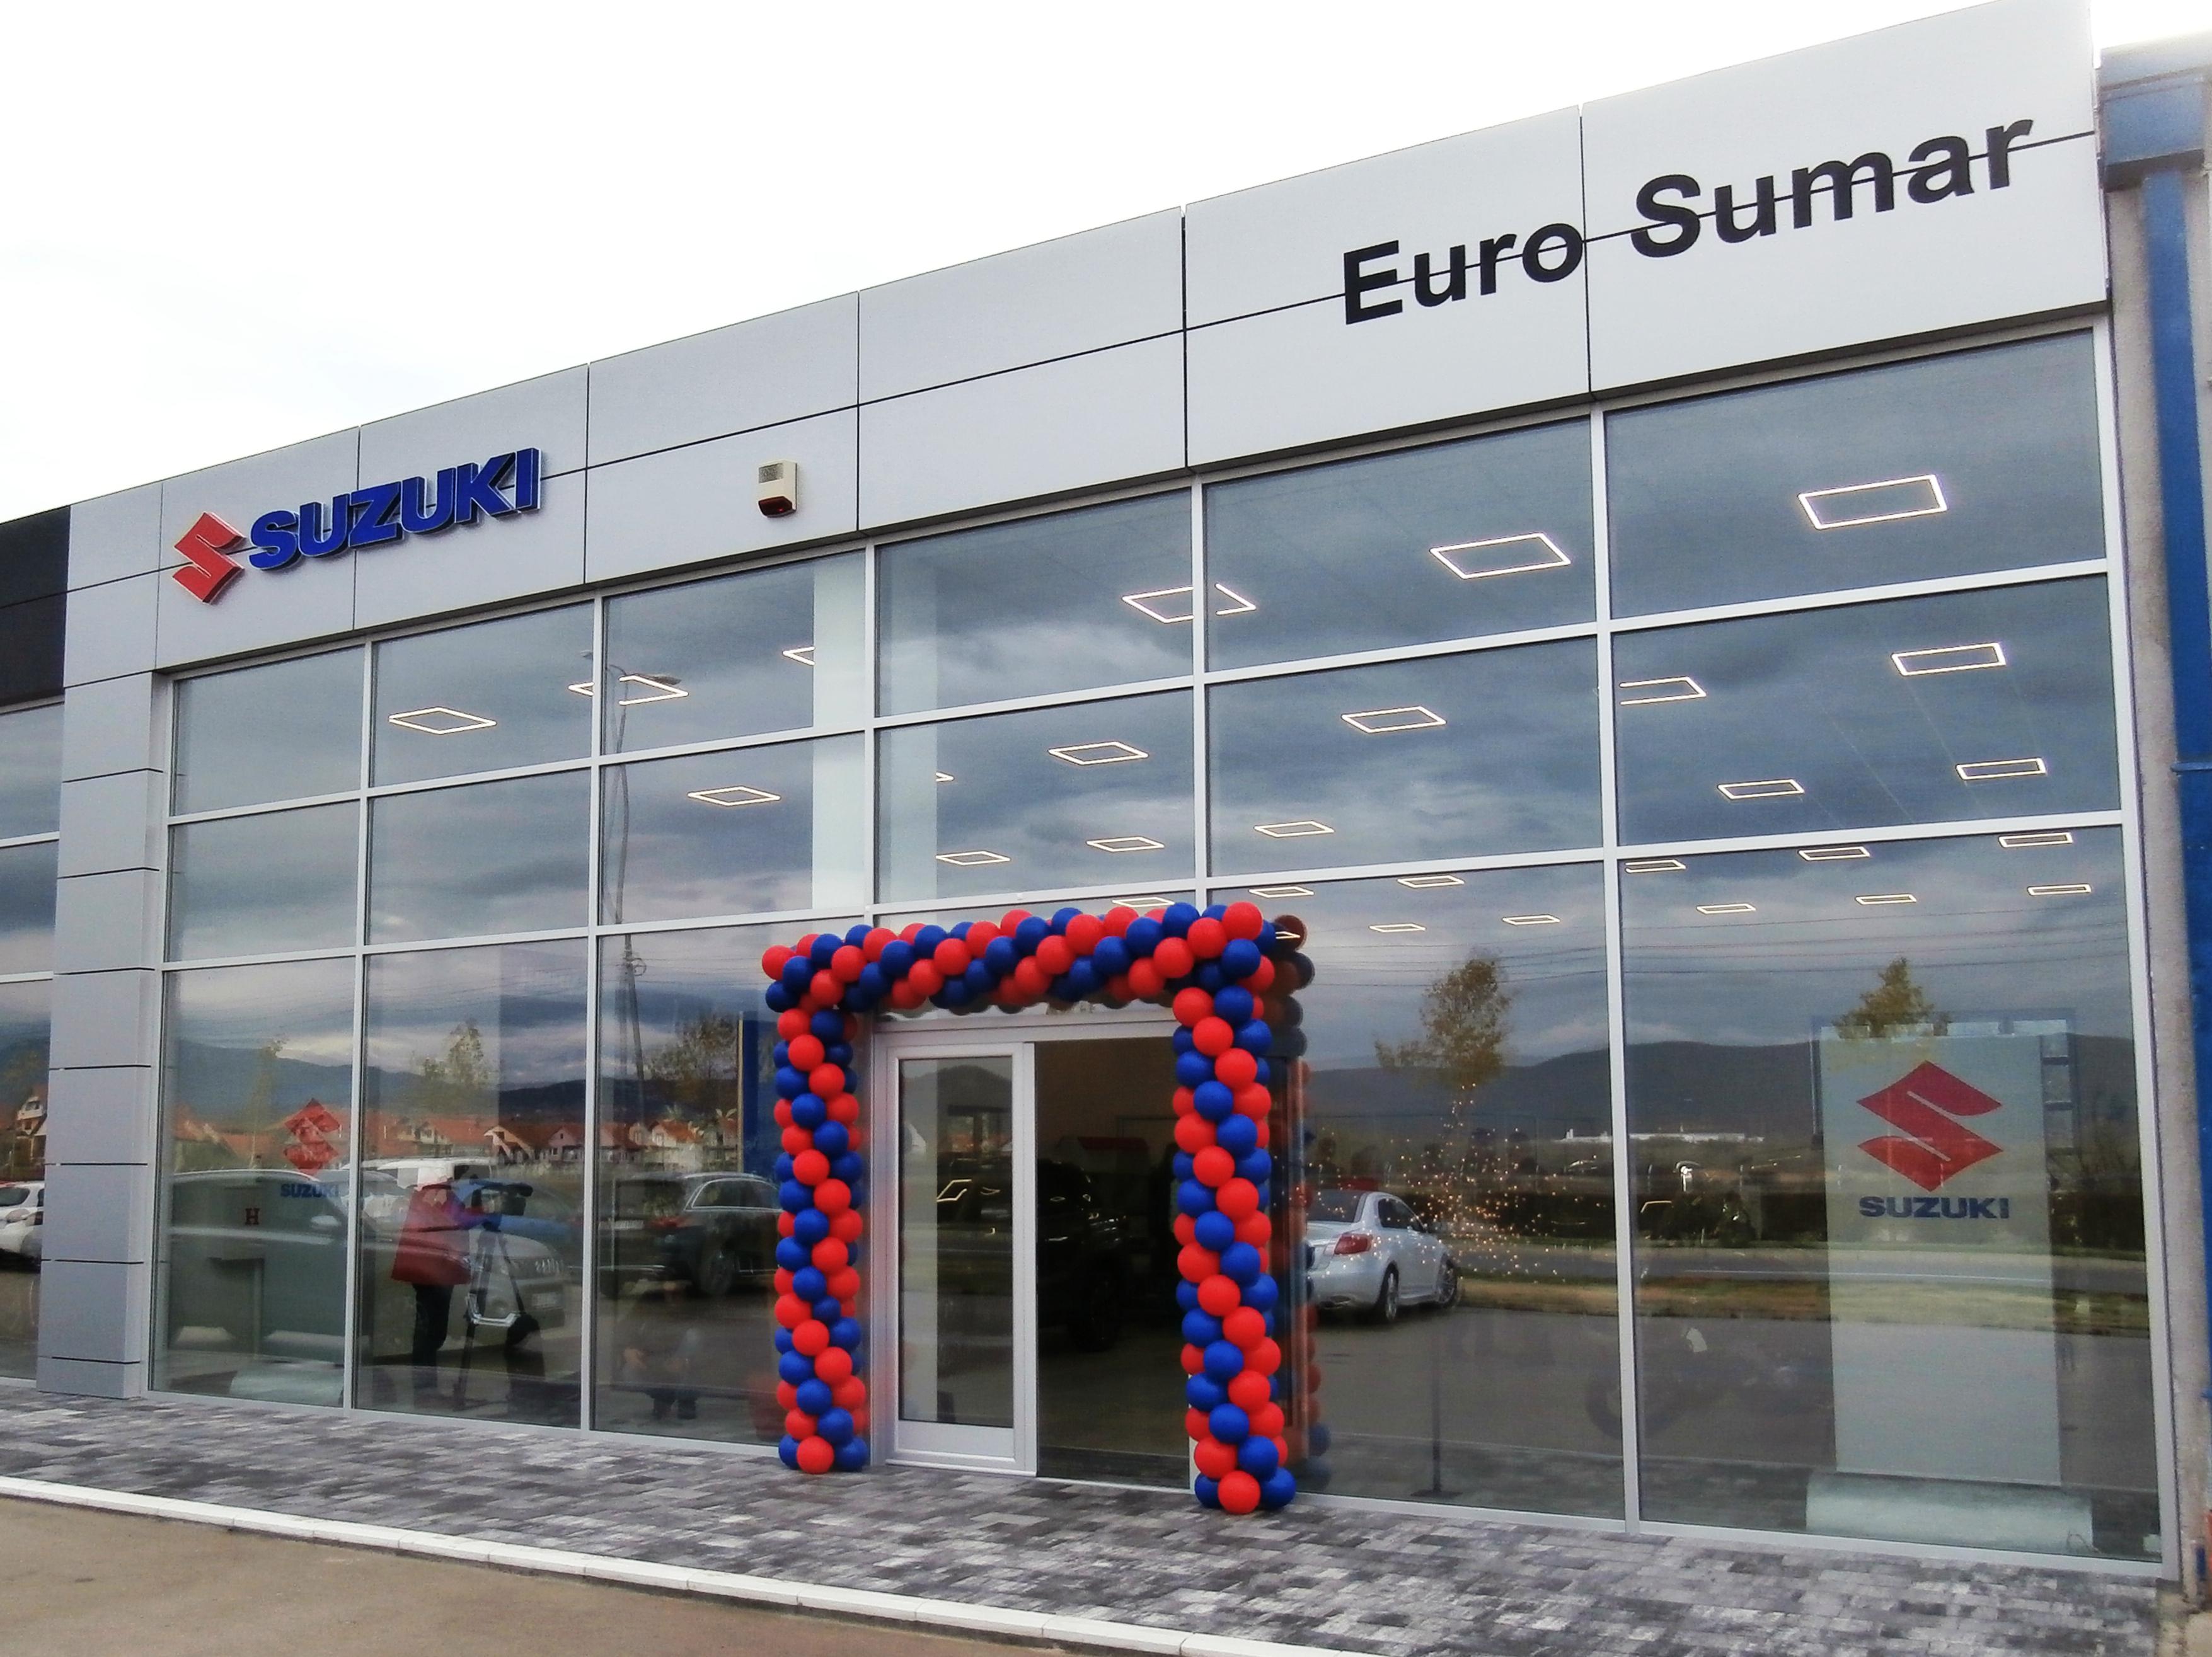 Euro Sumar – Suzuki automobili i motocikli ponovo u Nišu